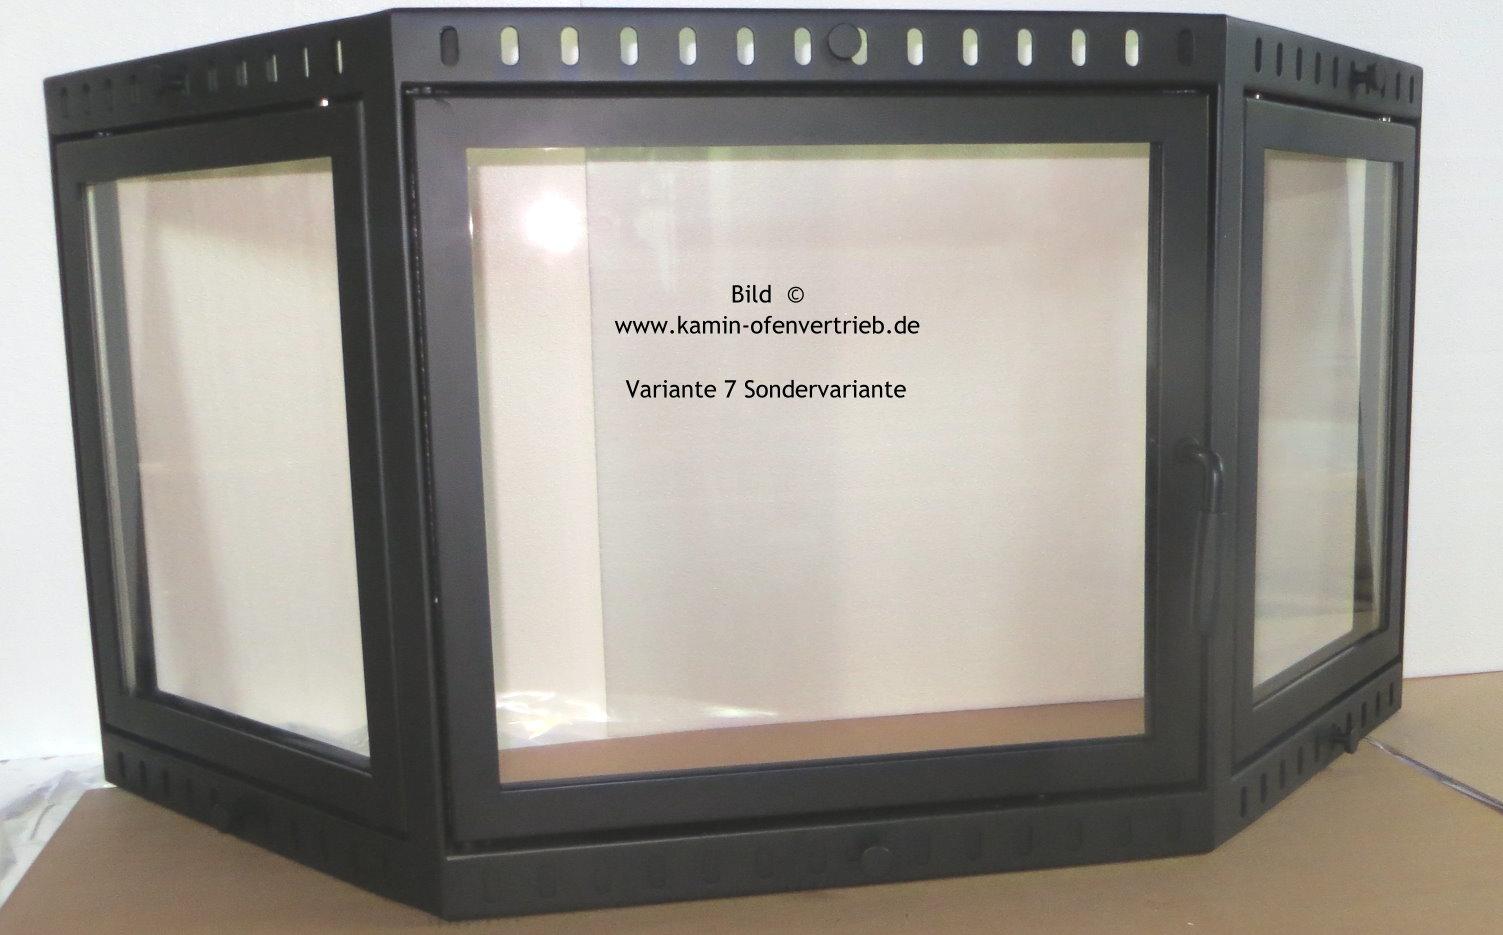 Superb ... Kamintür Mit Glas Mit Seitenfenster Für Offenen Kamin Variante 7